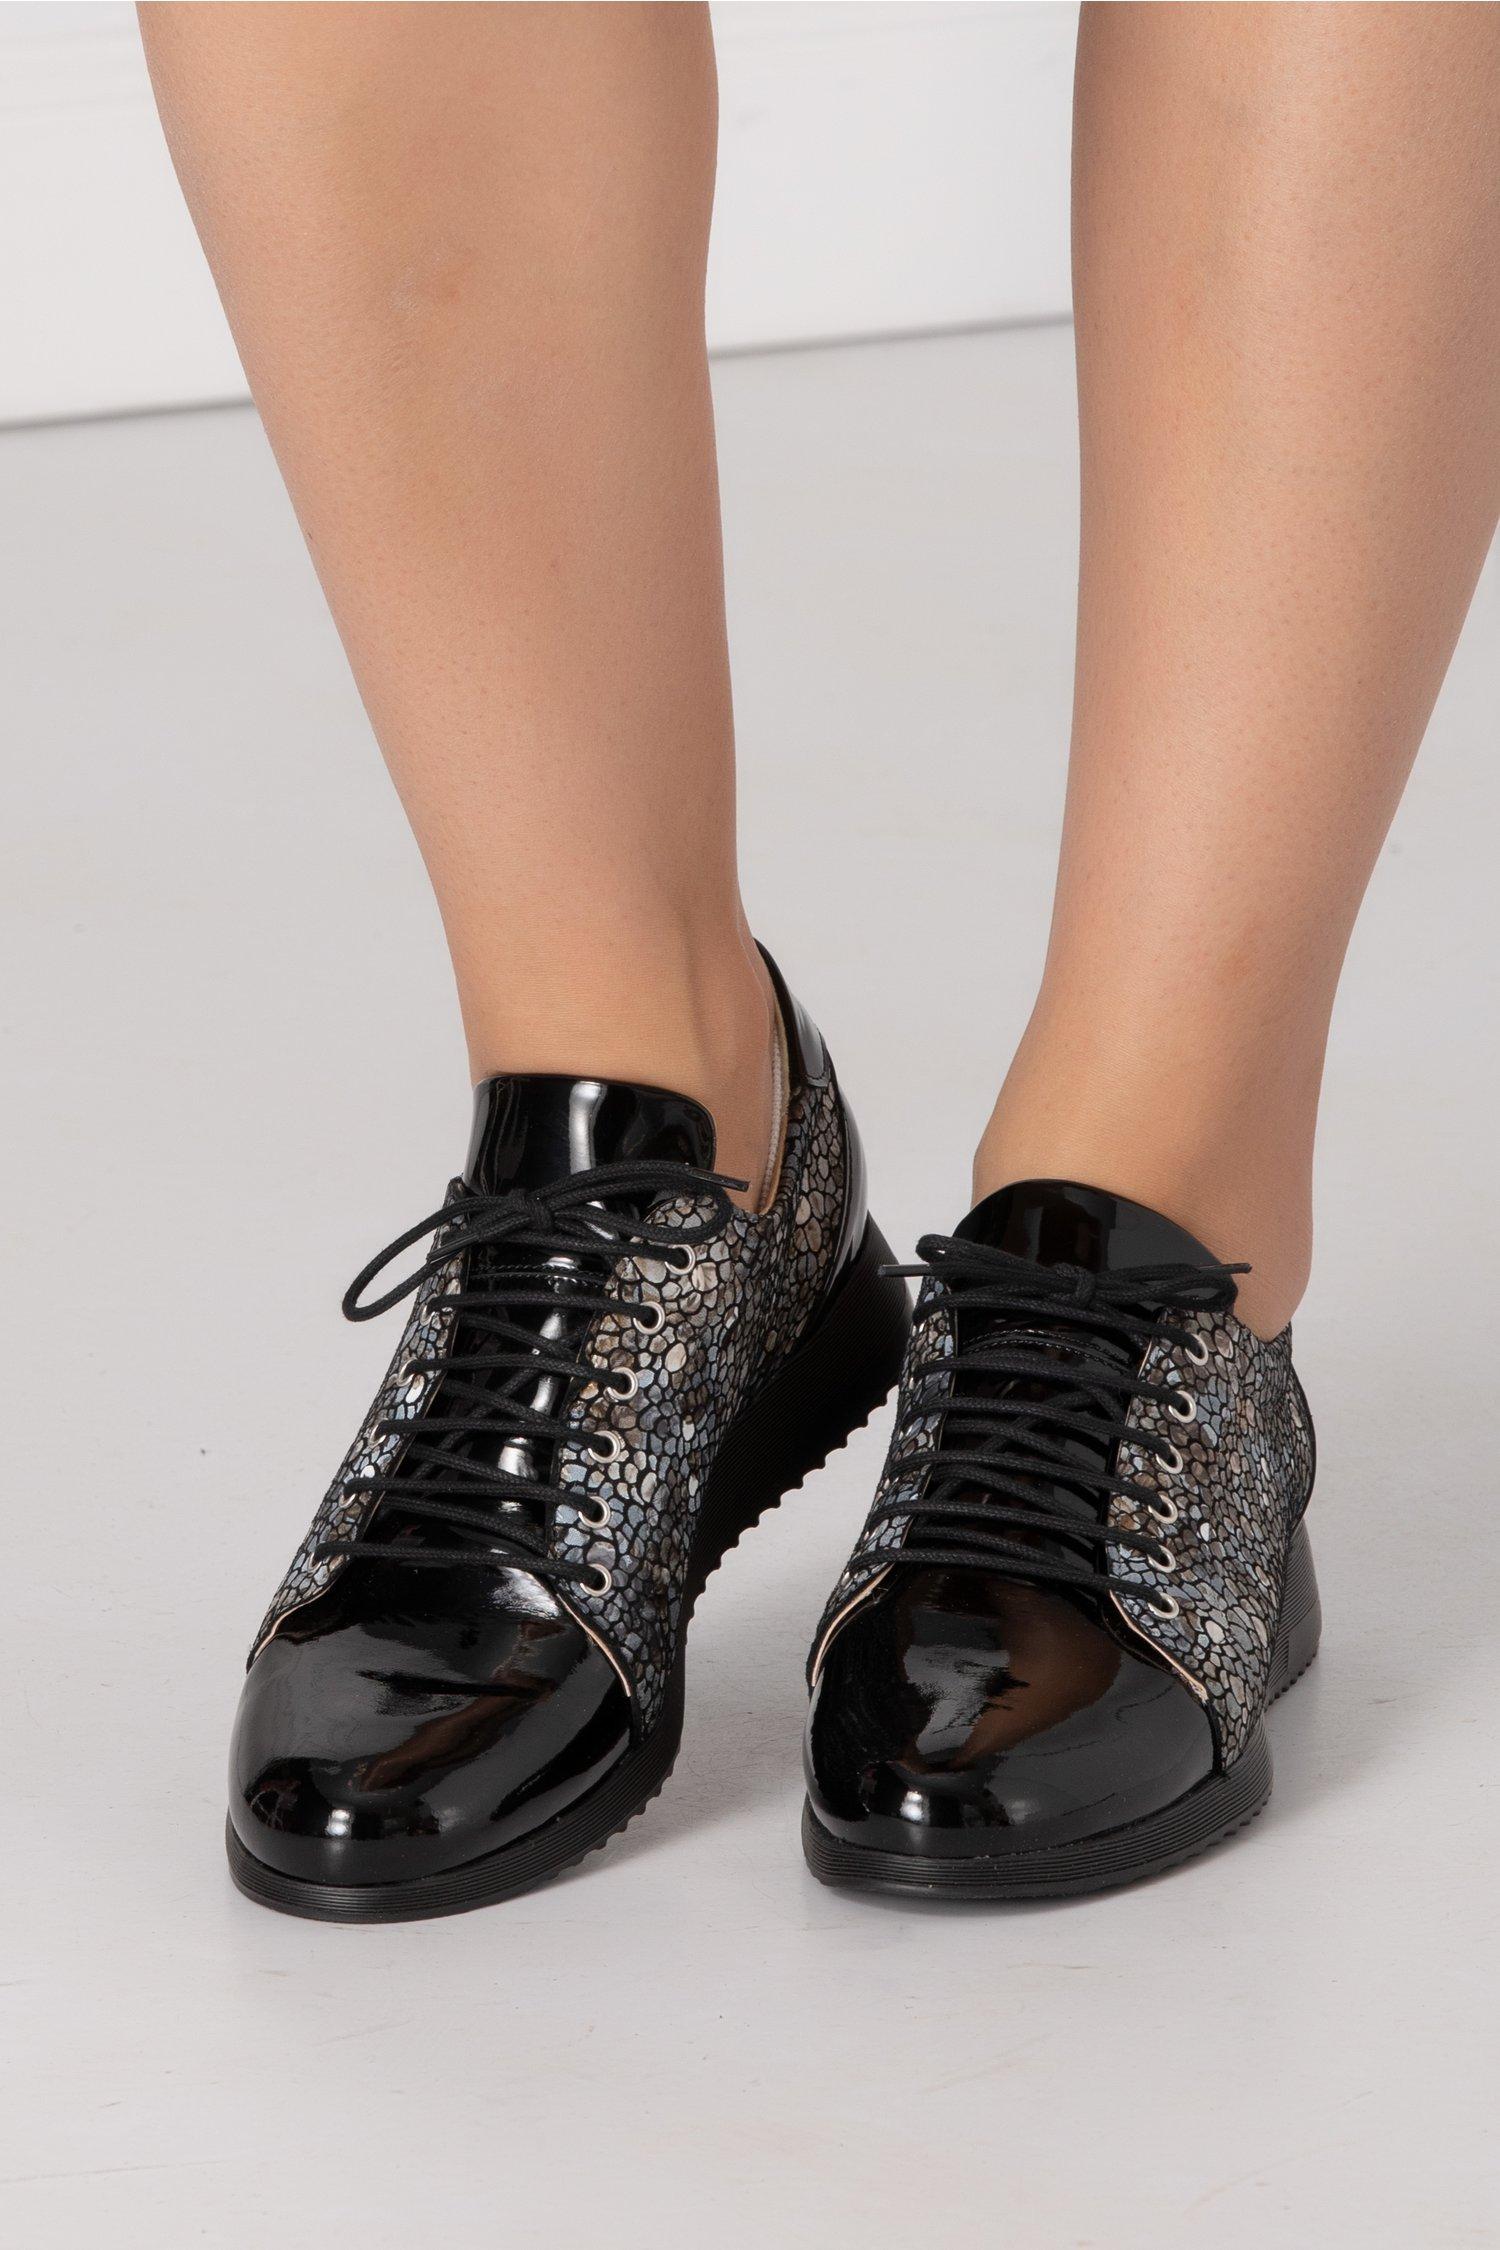 Pantofi negri lacuiti cu imprimeu mozaic pe laterale